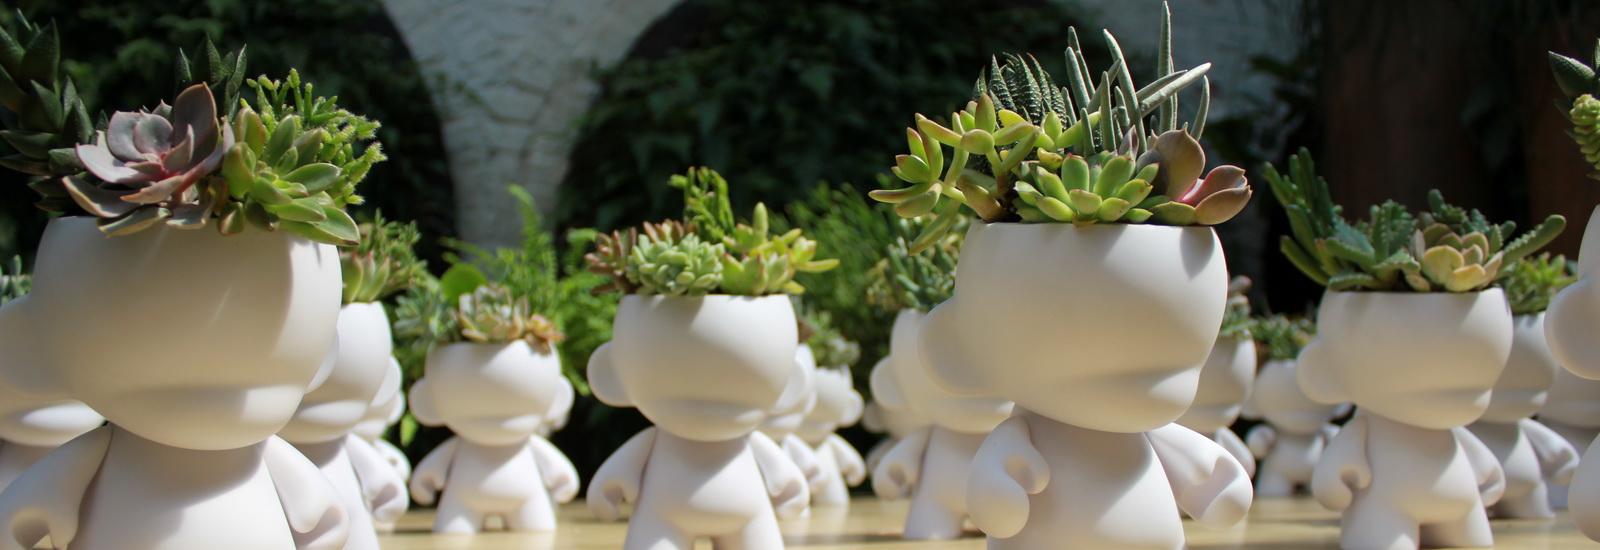 Indoor Plants-08